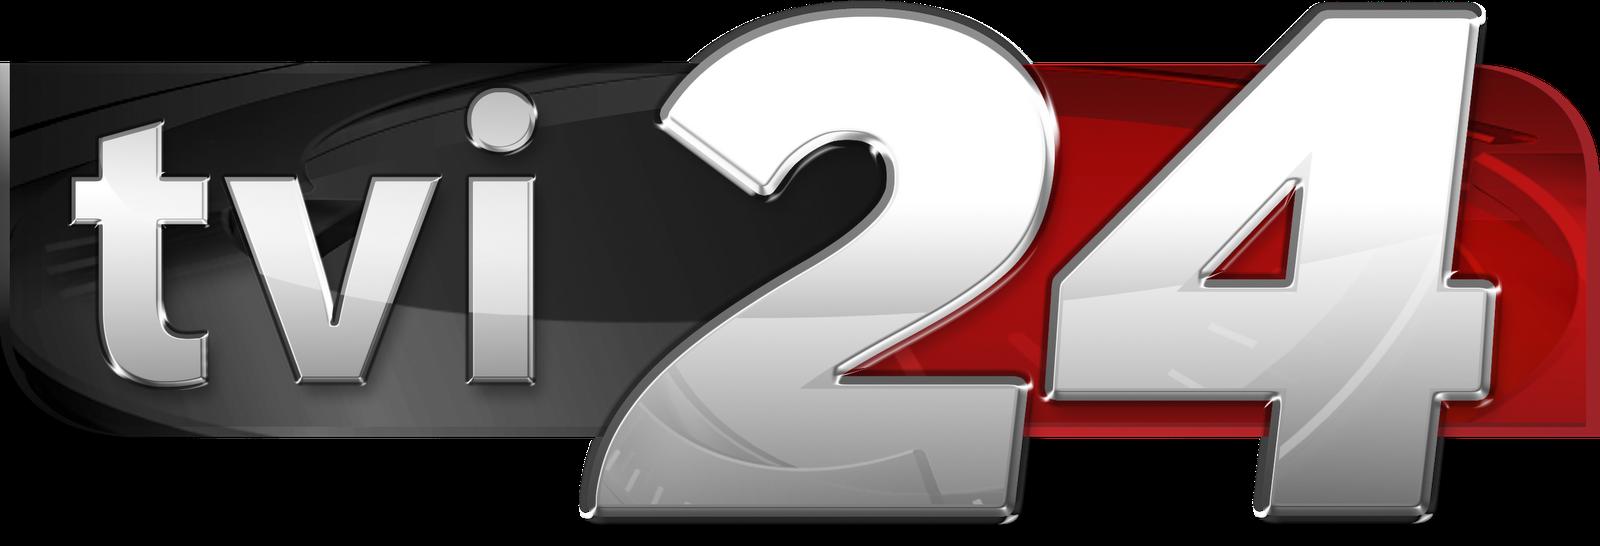 Resultado de imagem para tvi24 logotipo